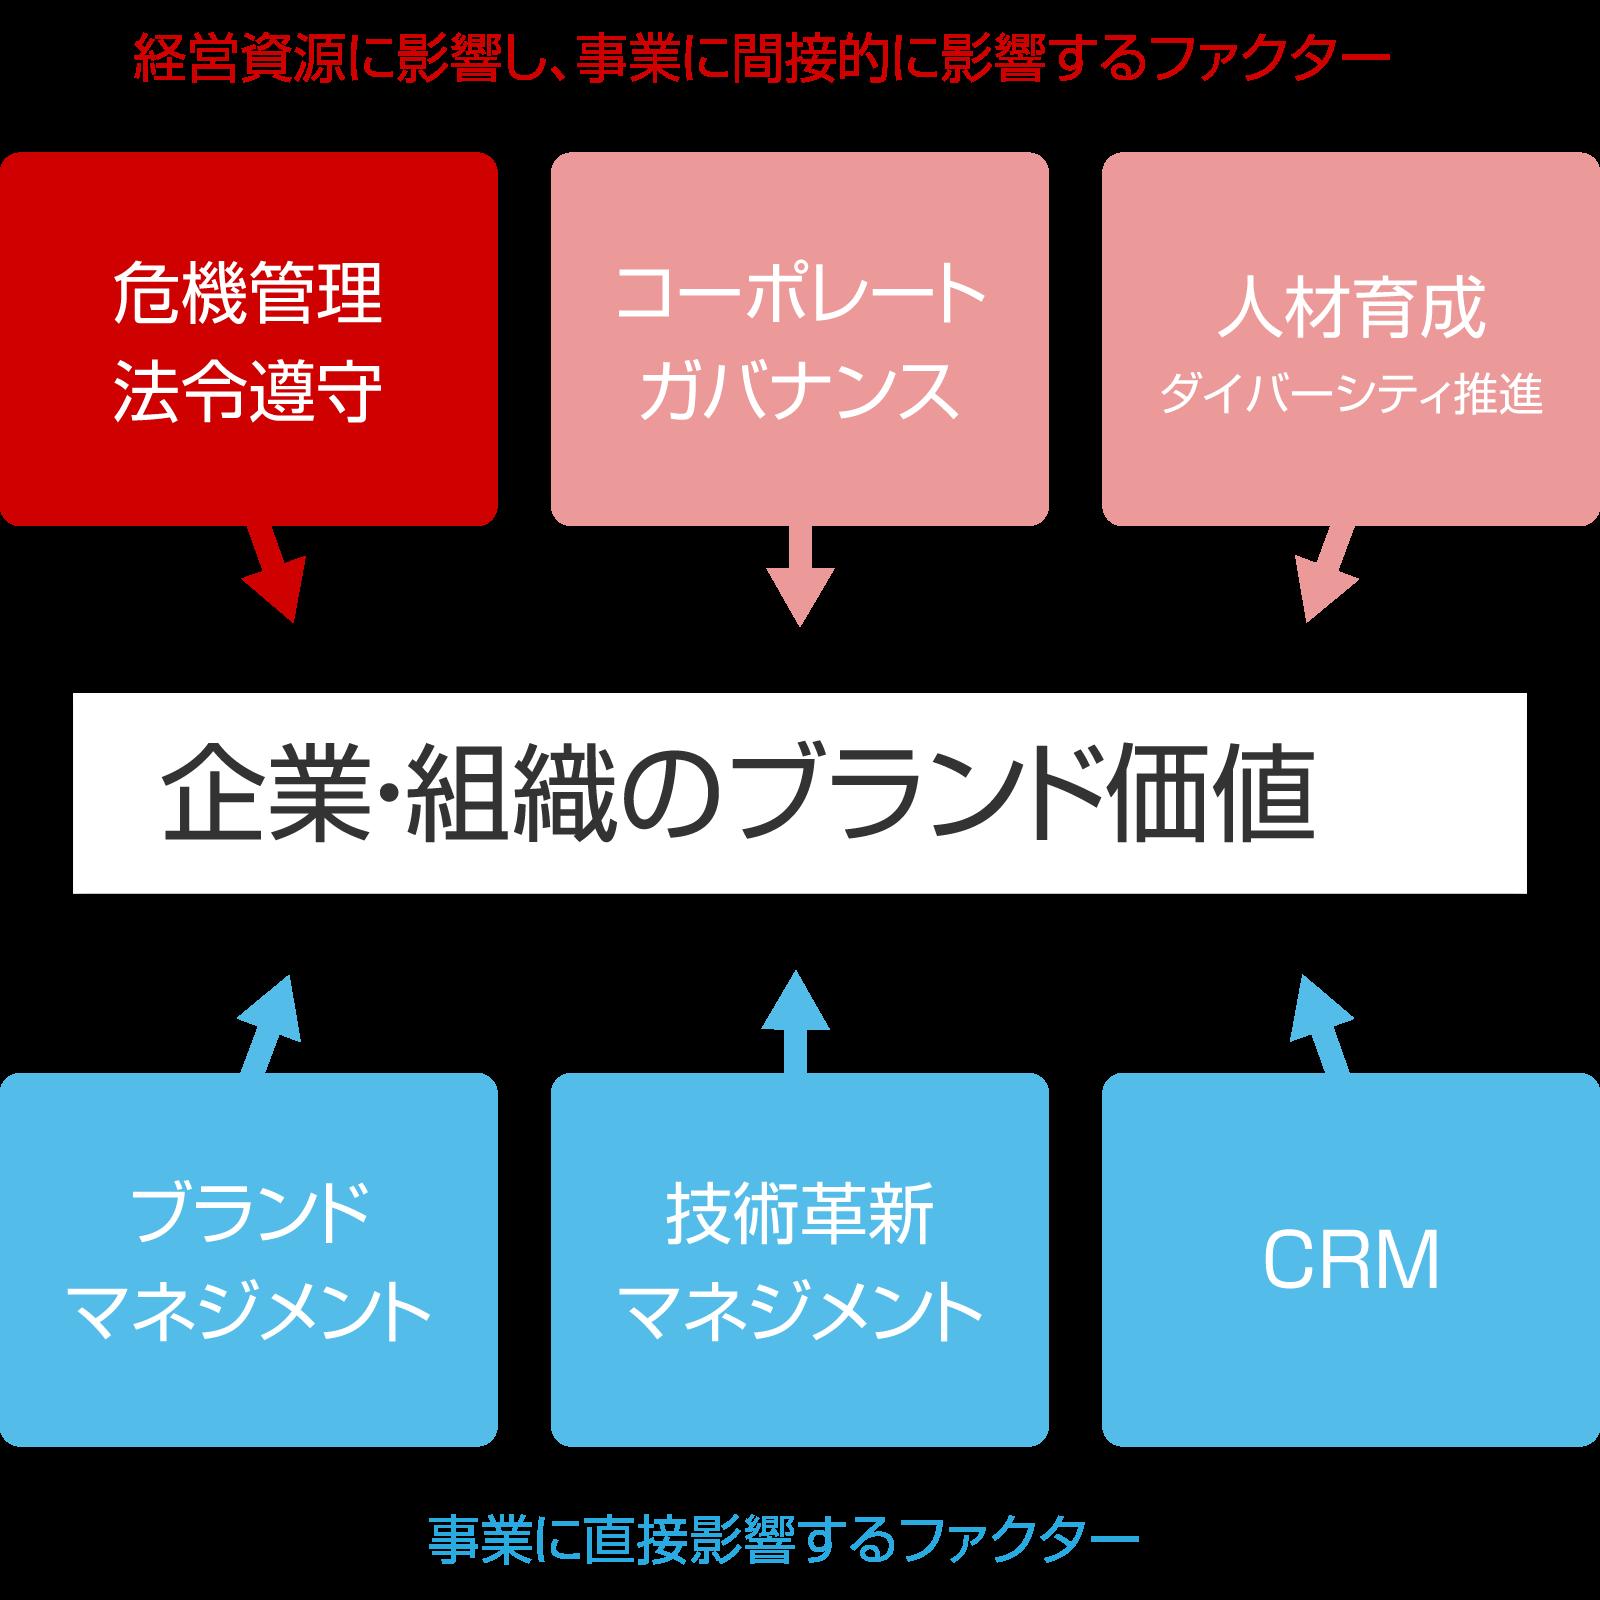 CSR(企業理念を実現するために実践しているすべての活動)